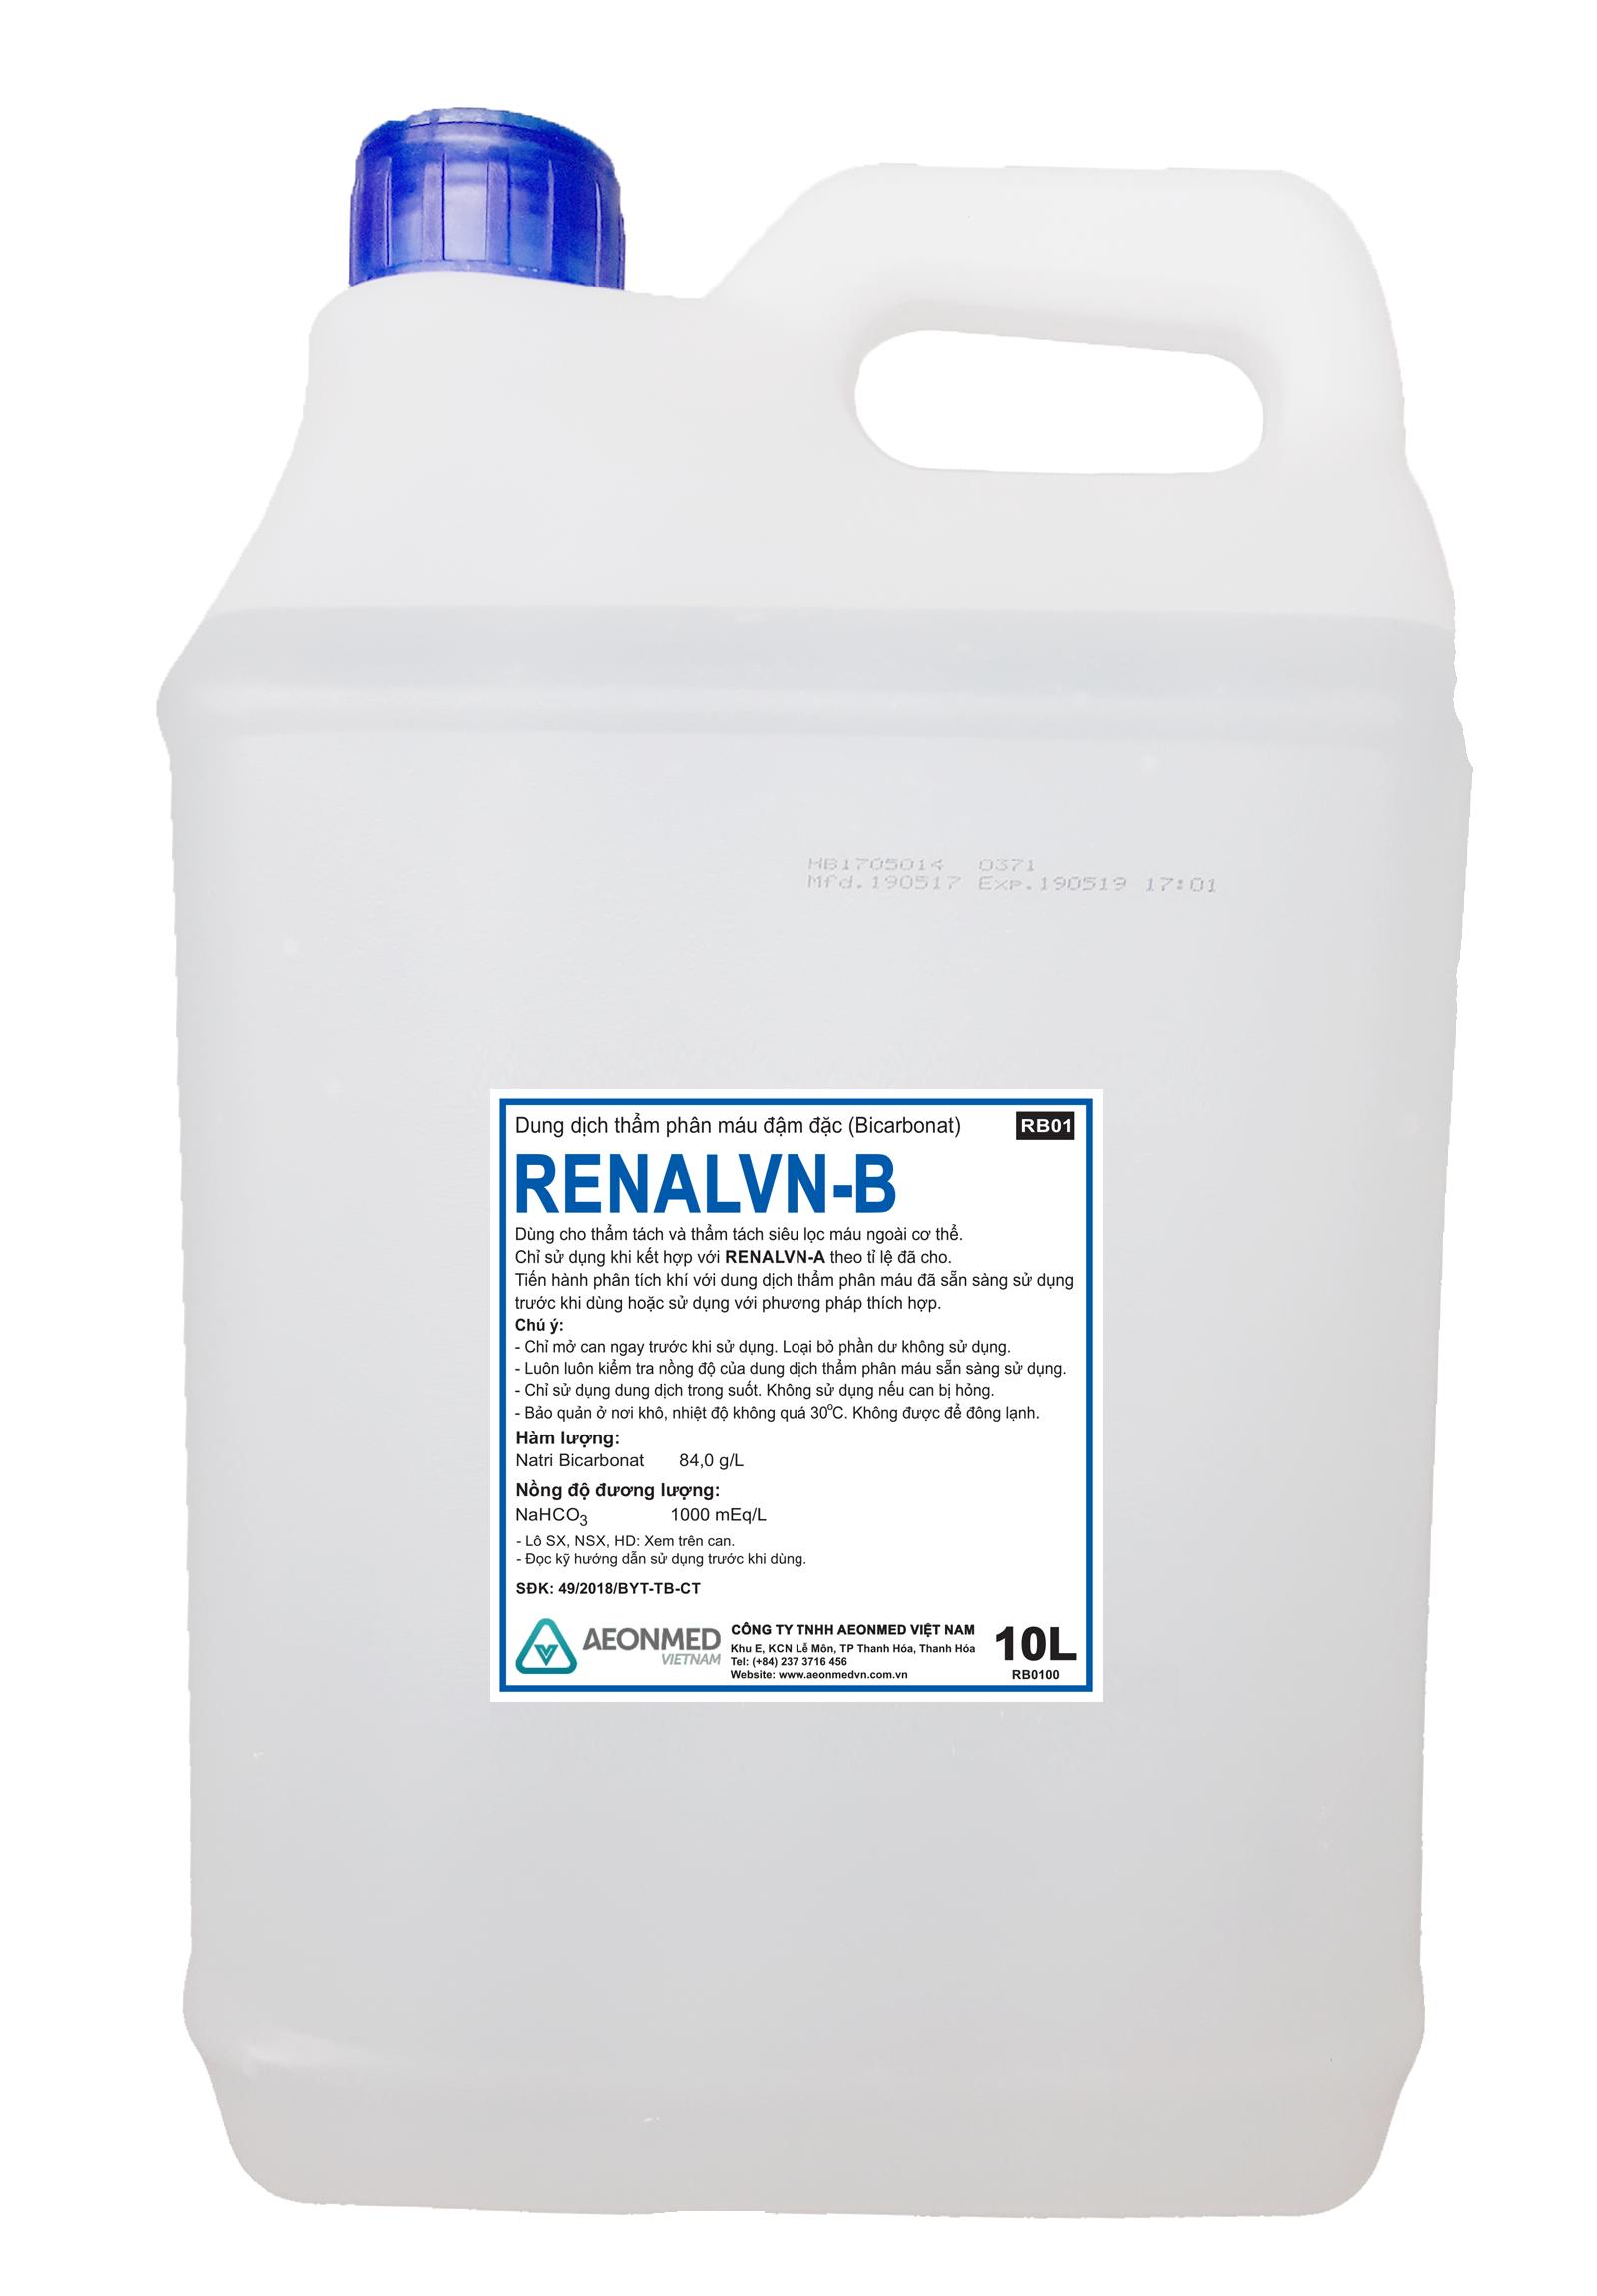 RENALVN-B